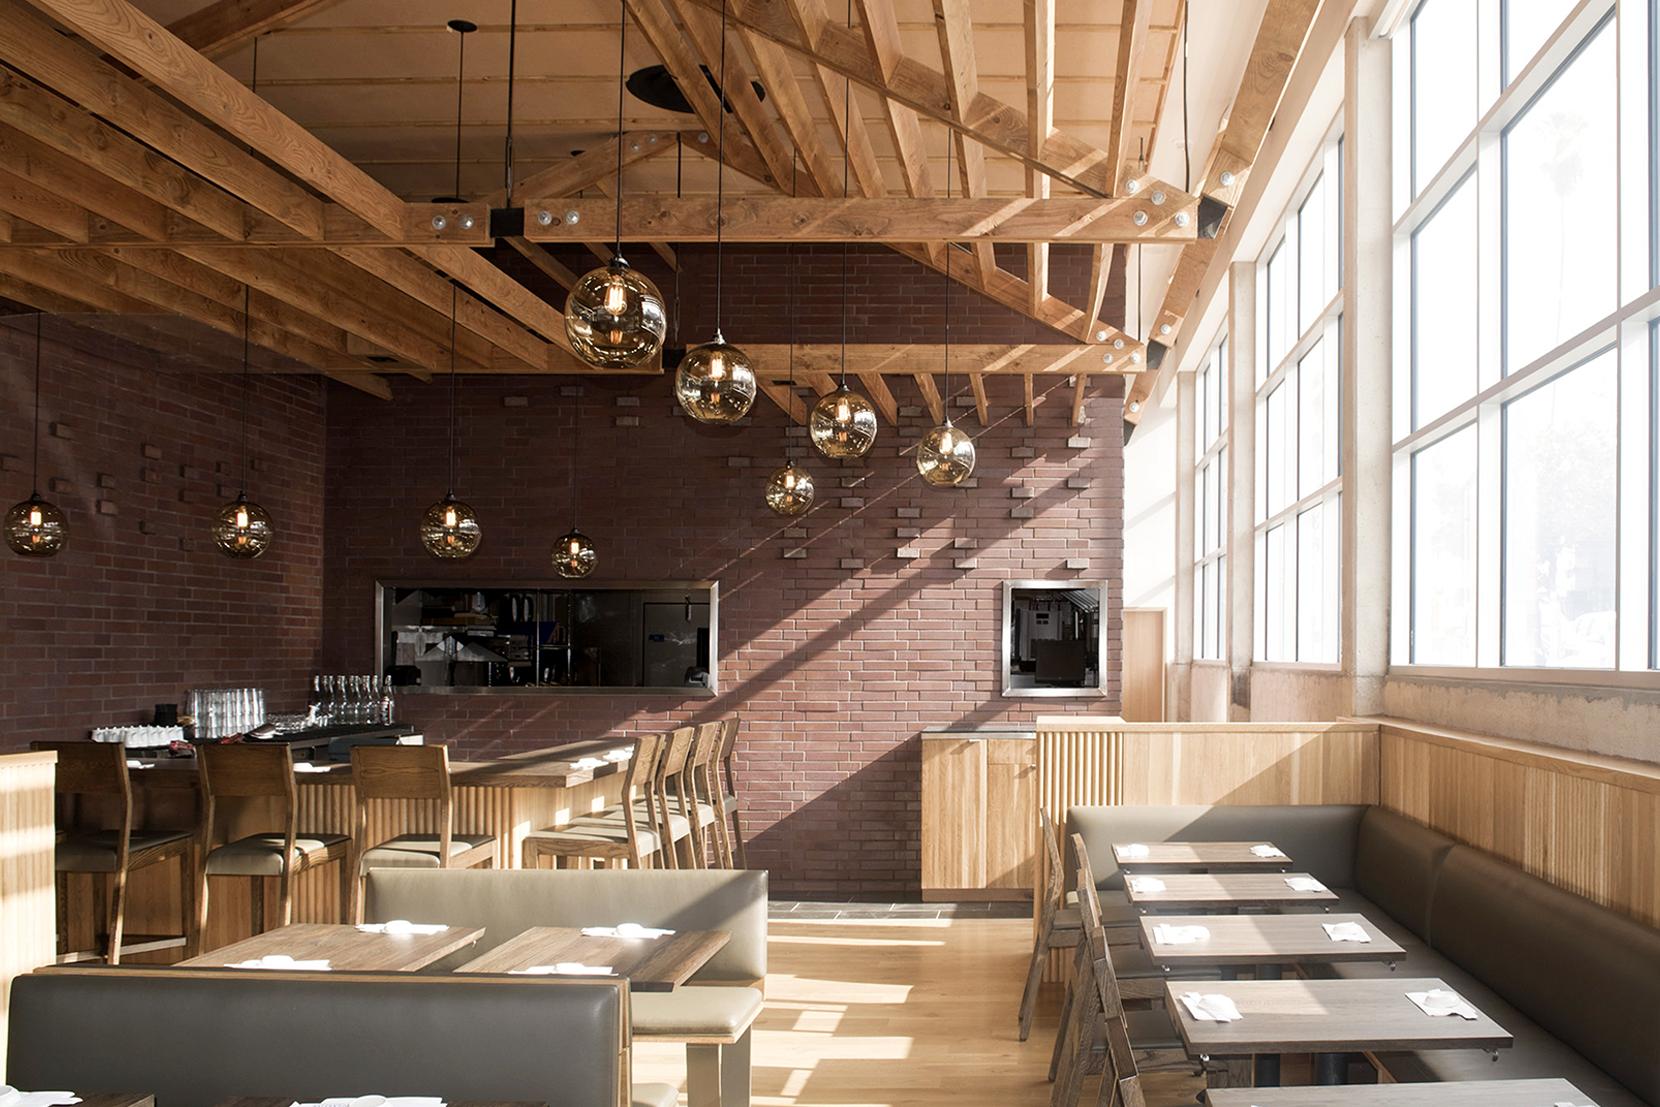 Modern Glass Restaurant Lighting - Solitiare Pendant Lights